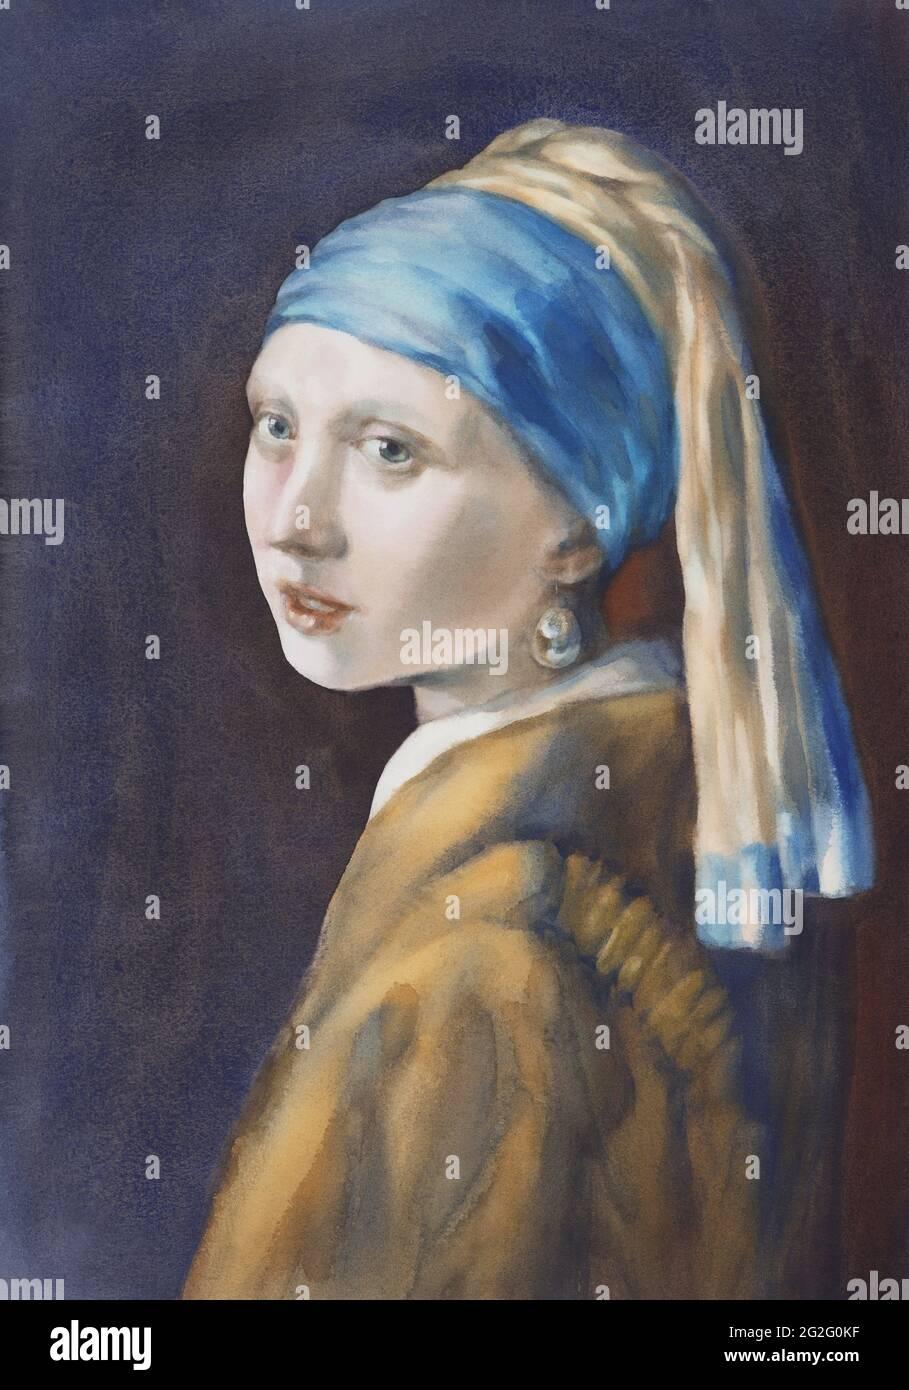 Une fille avec une perle boucle d'oreille aquarelle copie Banque D'Images